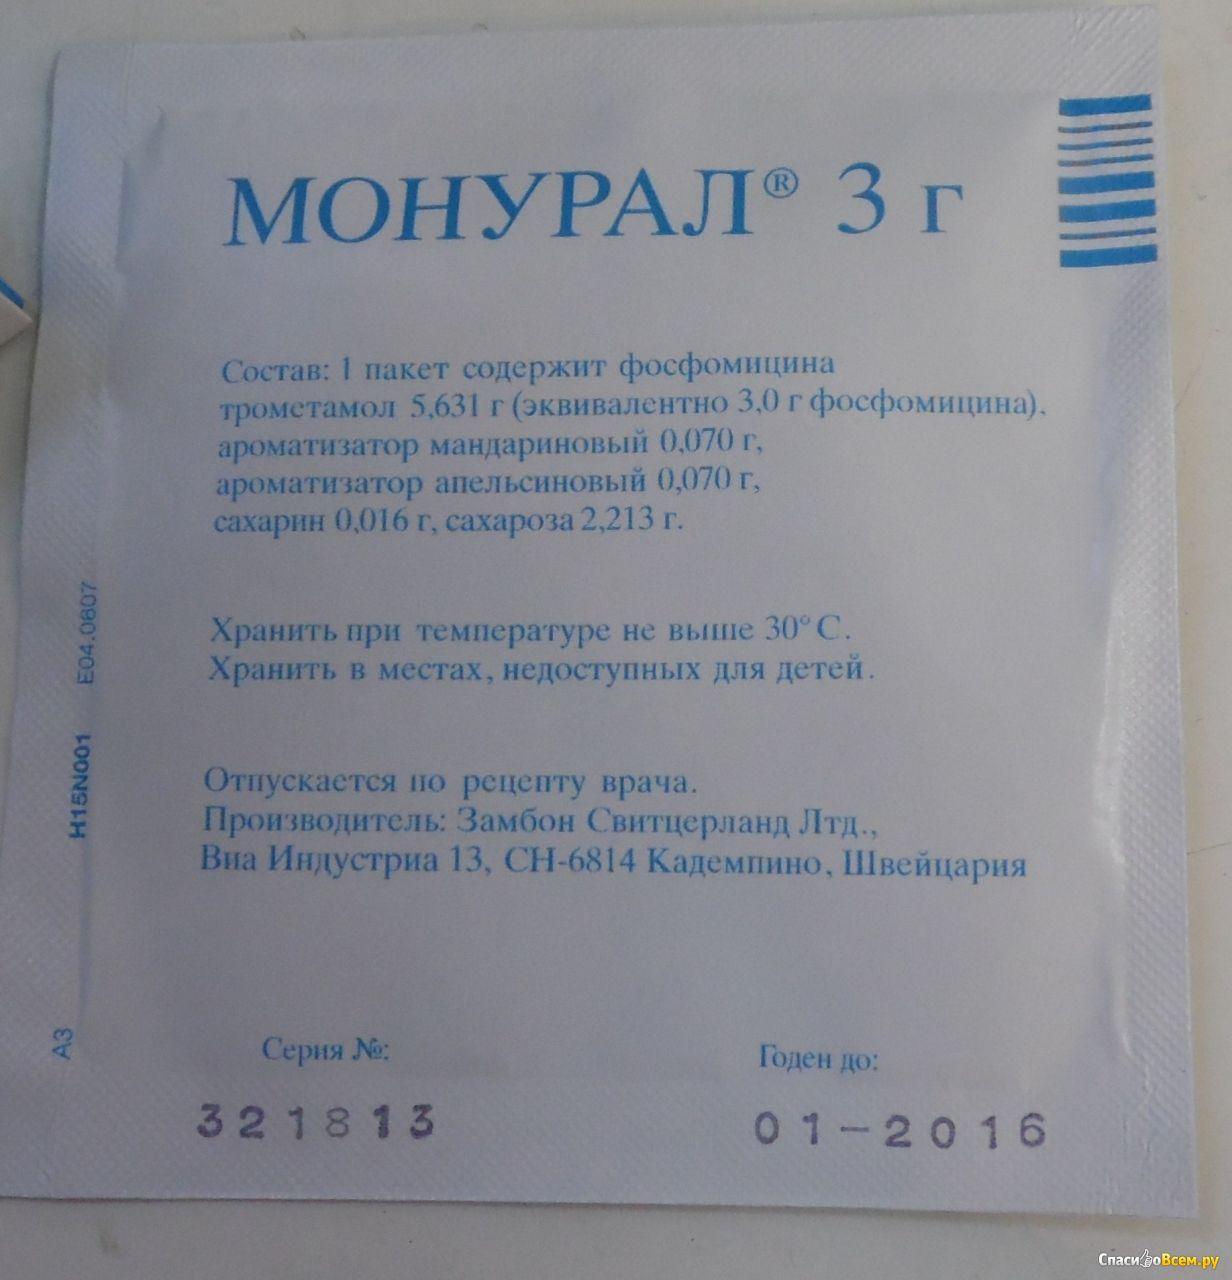 Цистит монурал температура - Женские заболевания